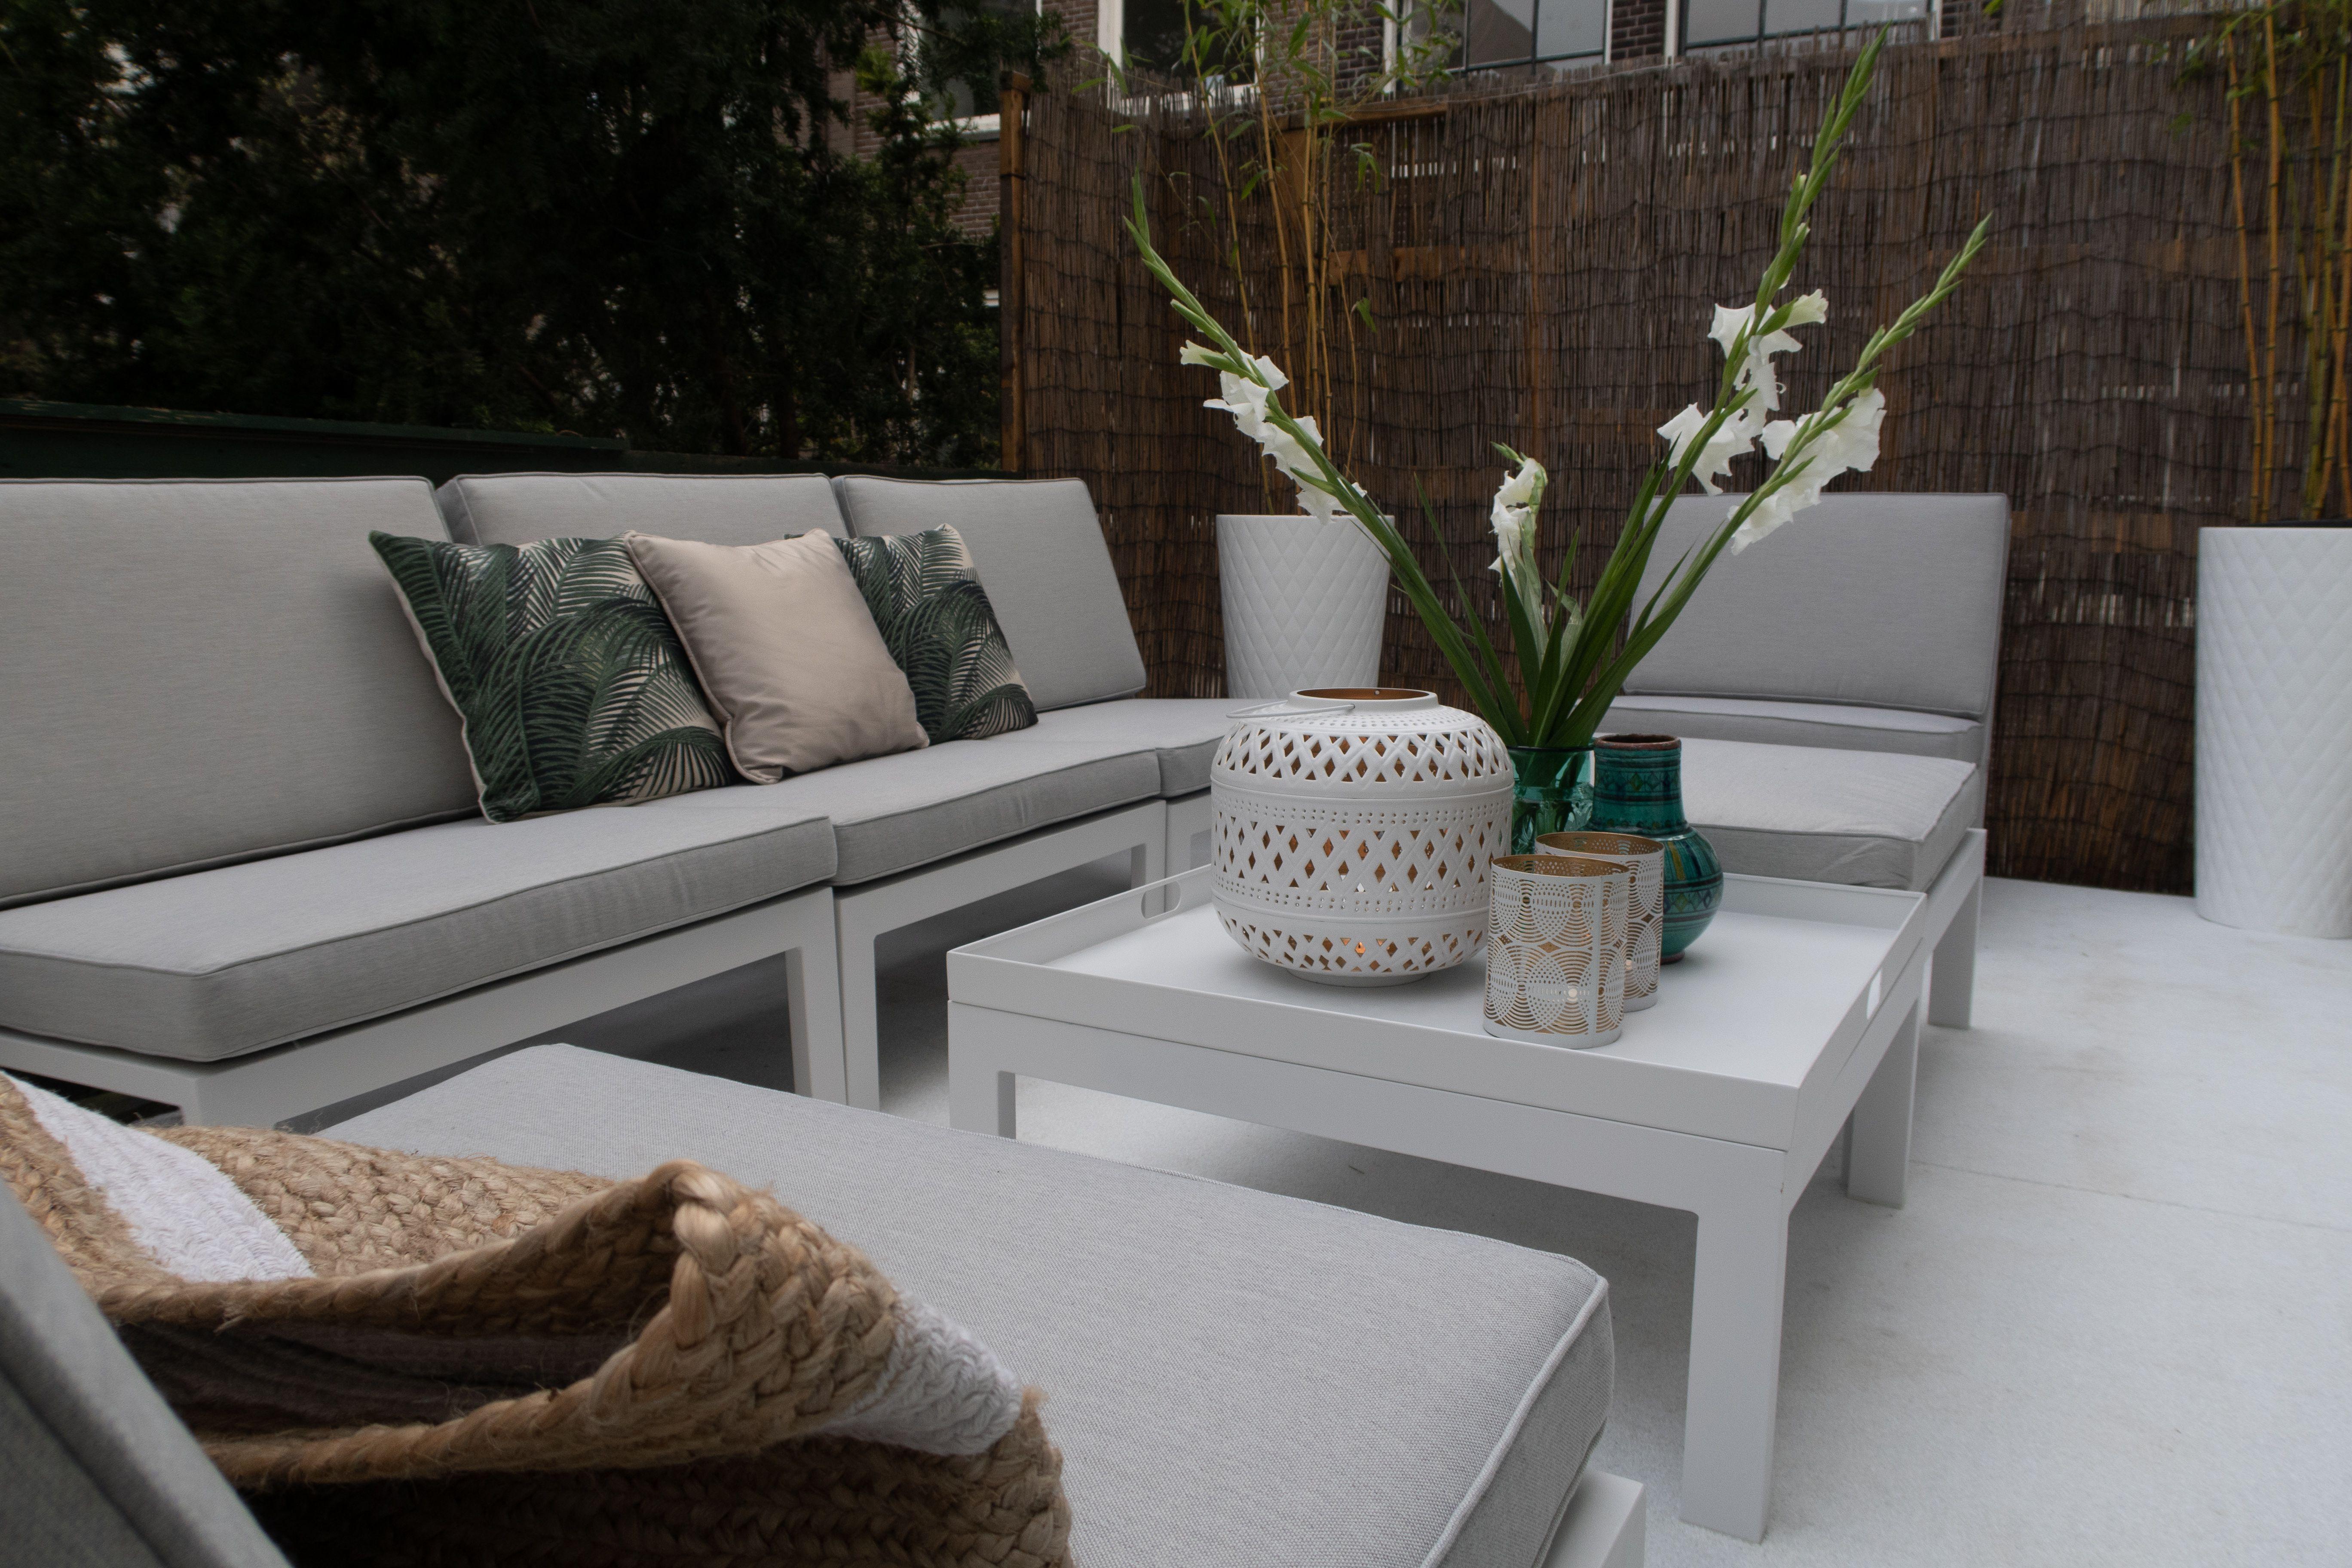 Ideen Fur Einen Kleinen Balkon Modernes Und Klares Design In Der Trendfarbe Weiss Balkonmobel Gartenm Gartenmobel Lounge Set Lounge Gartenmobel Gartenmobel